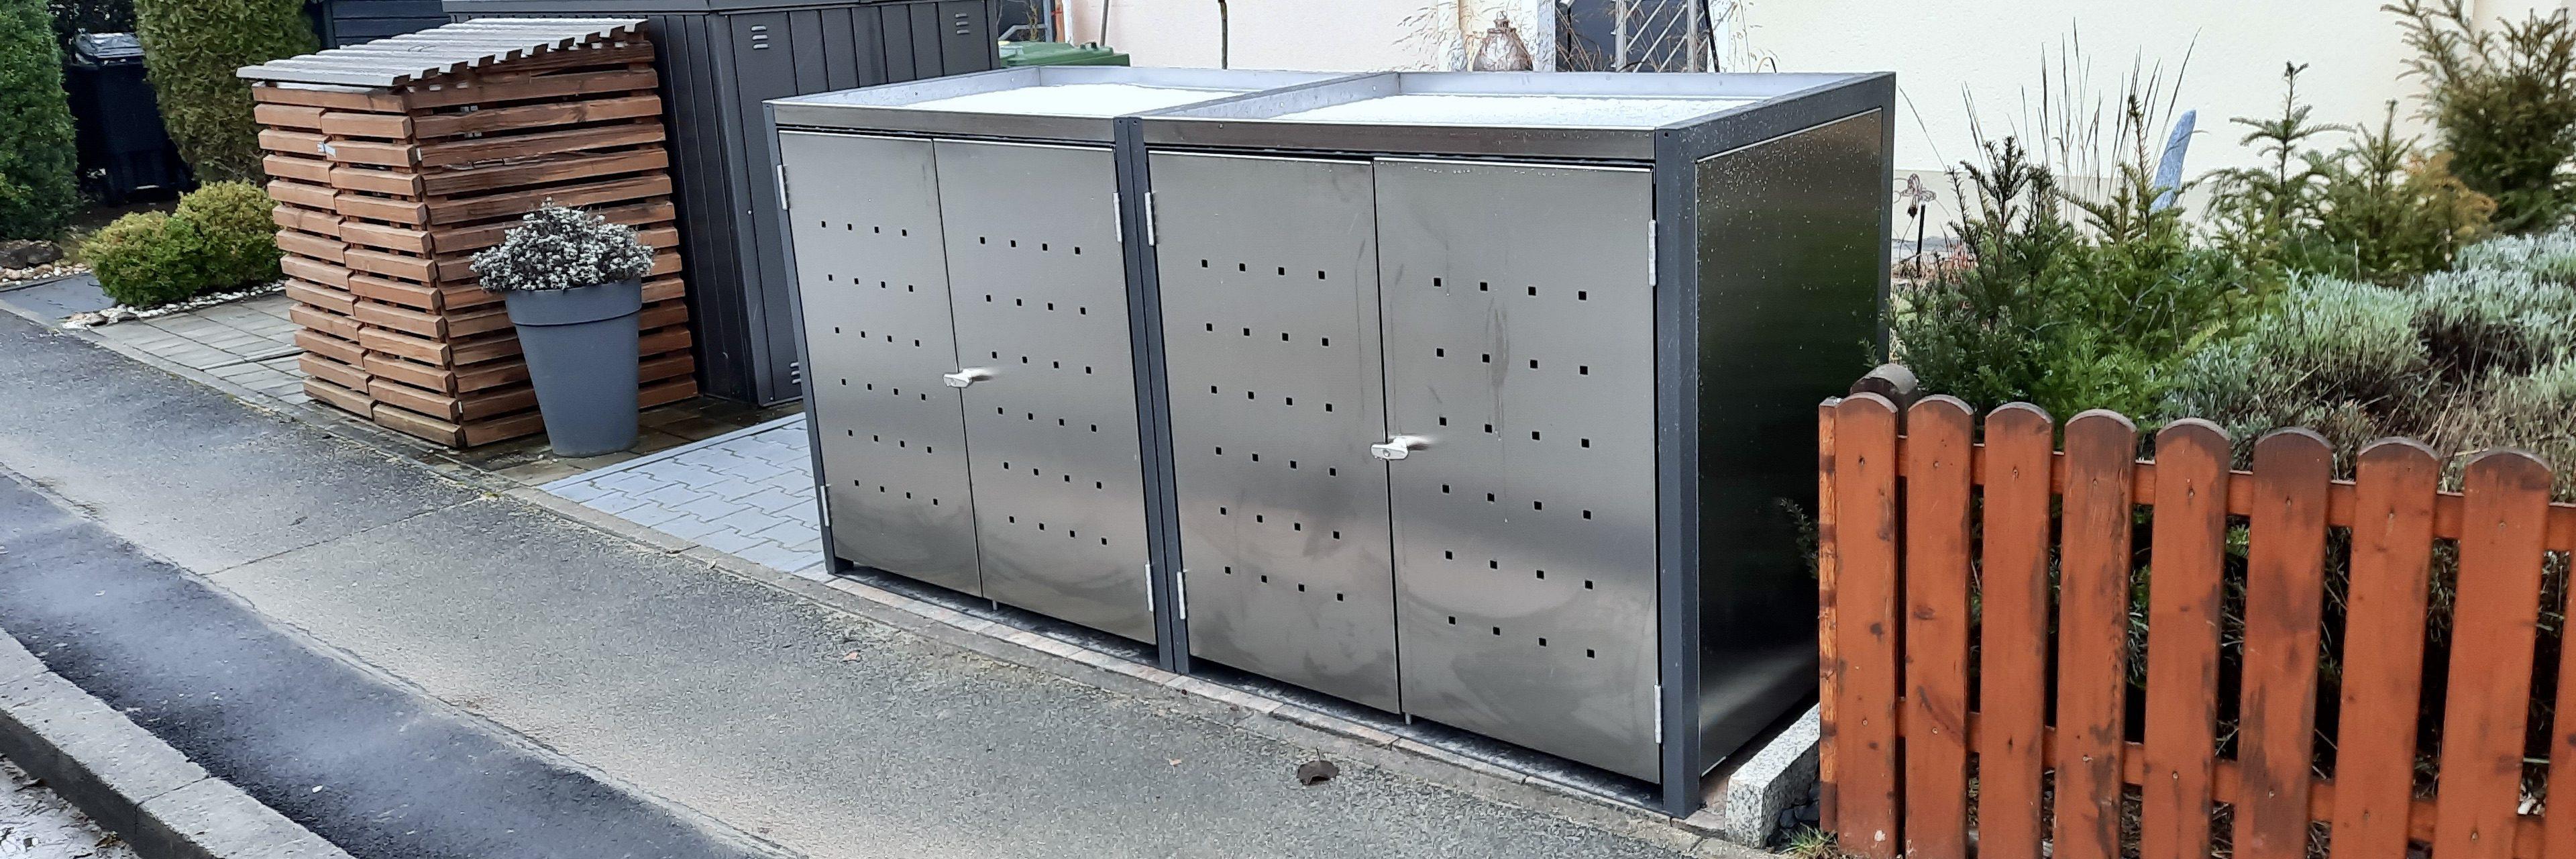 Universalboxen